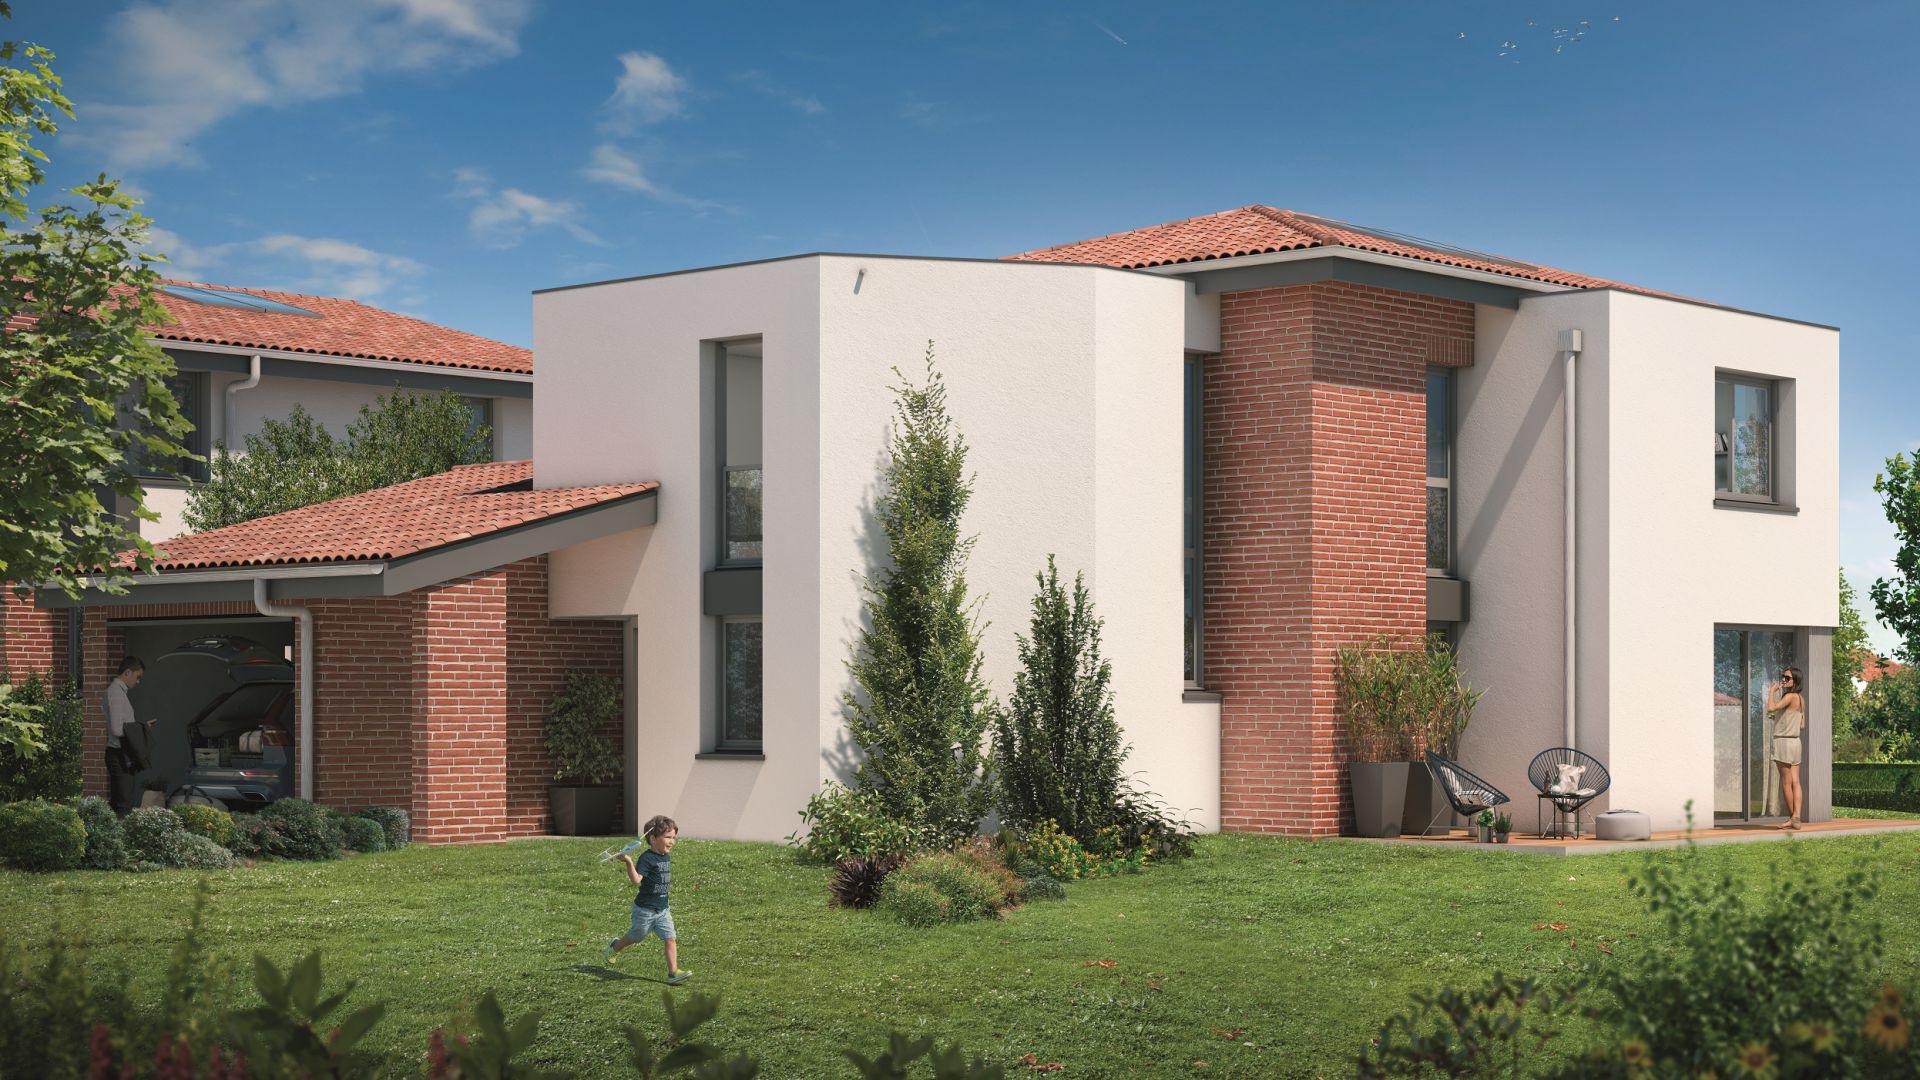 Greencity Immobilier - Villas Valéria - 31320 Auzeville - Villas 6 neuves T6 - appartements neufs T2-T3